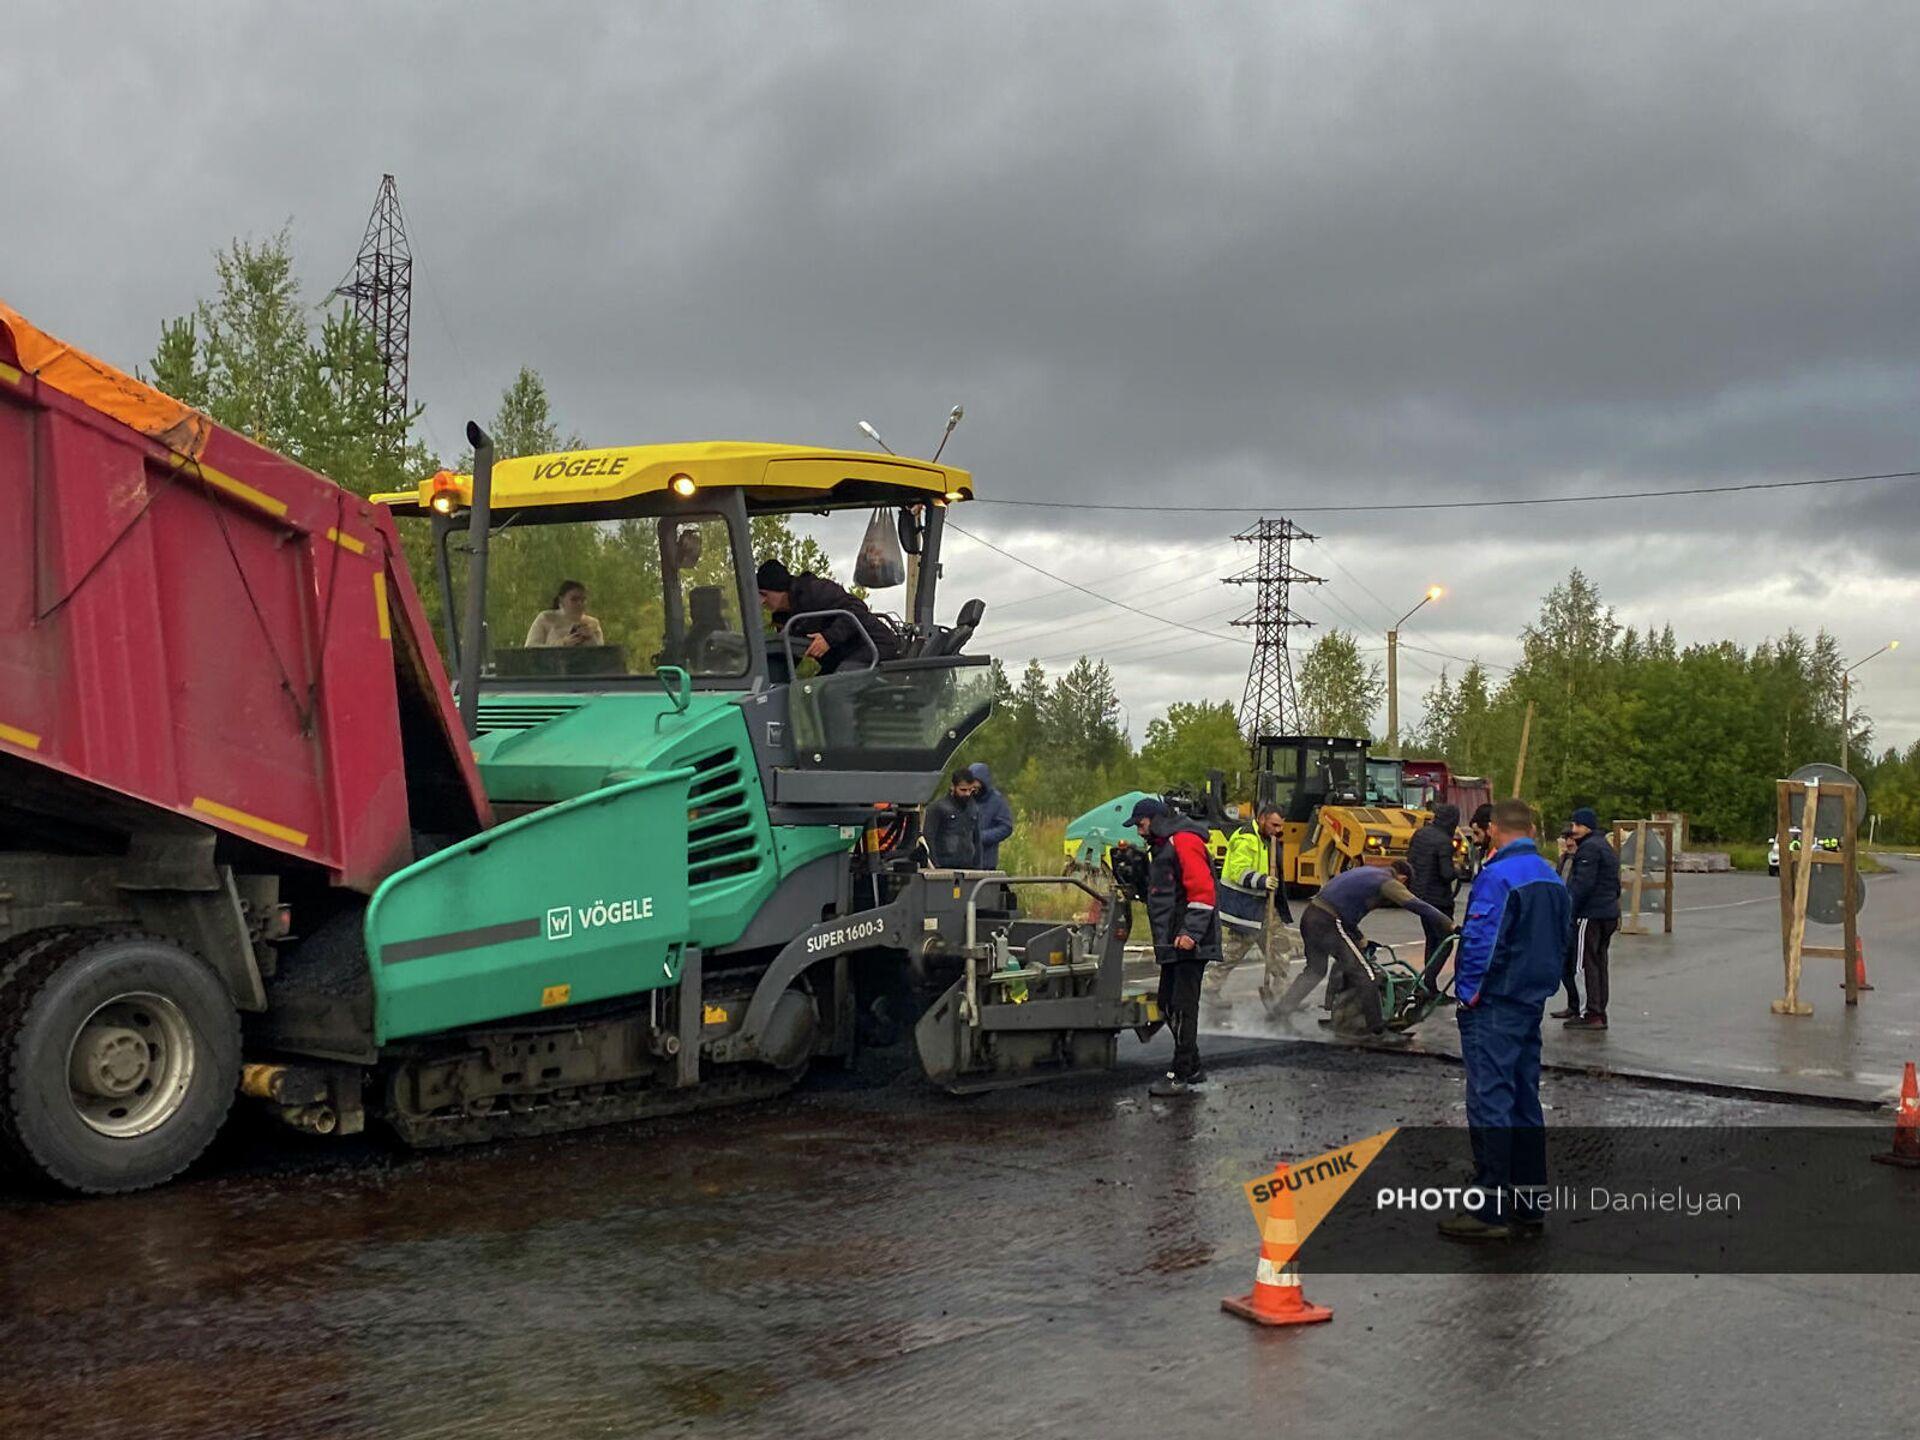 Հայ շինարարներն ասֆալտապատման աշխատանքներ են կատարում Պոլյարնիե Զորի քաղաքում - Sputnik Արմենիա, 1920, 23.09.2021